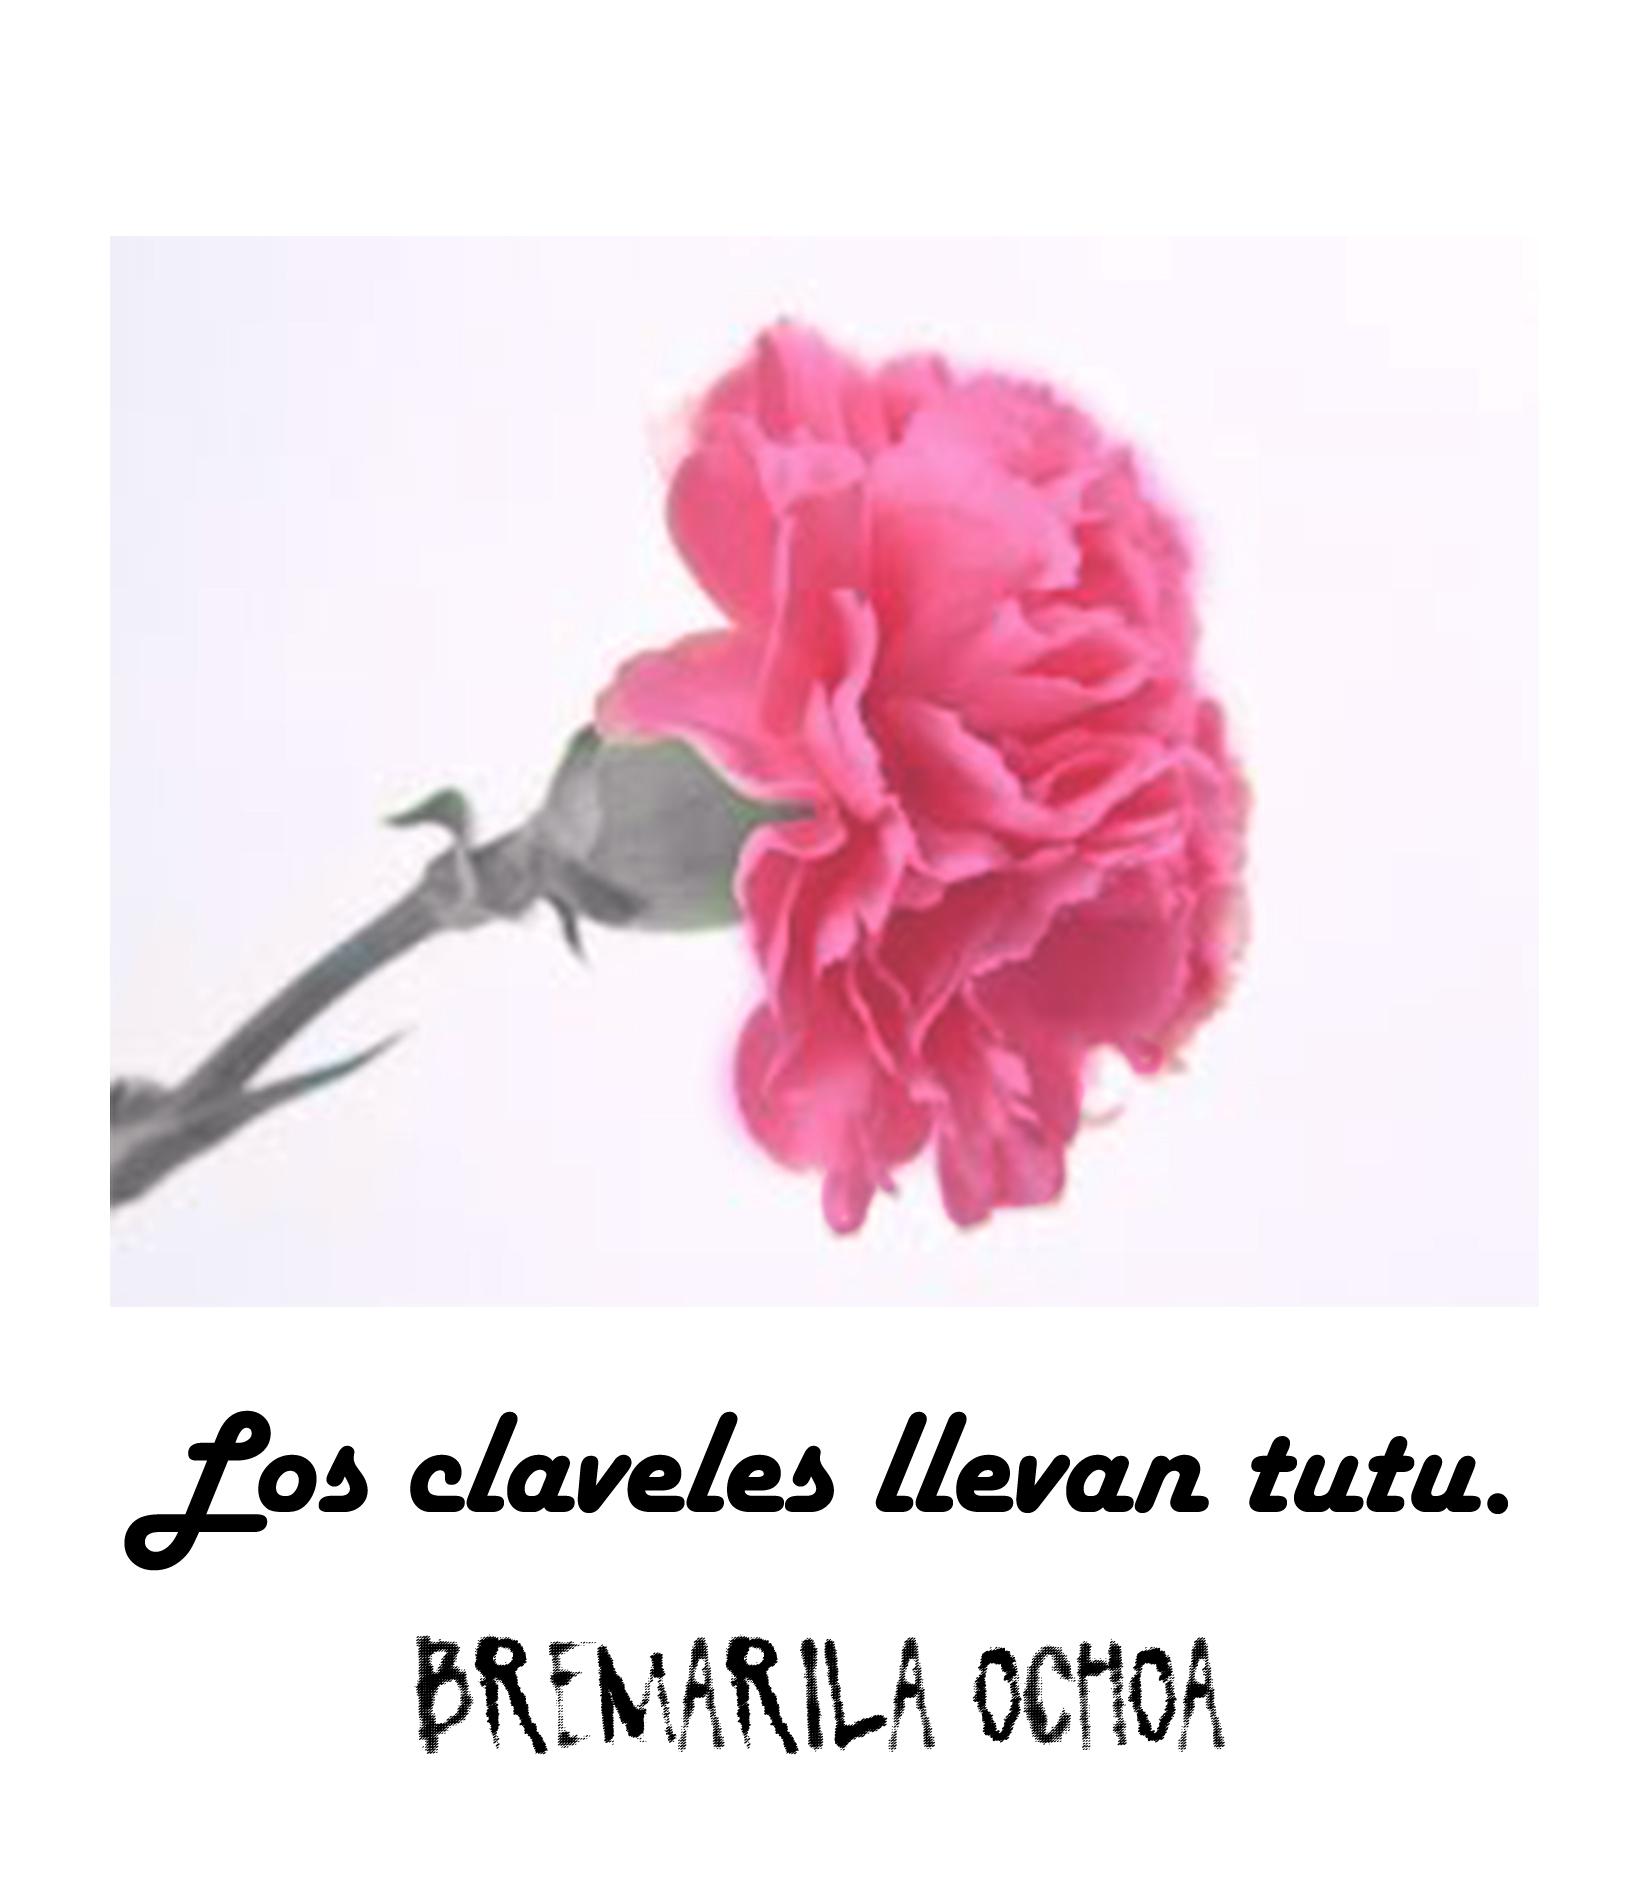 Clavel Bremarila Ochoa